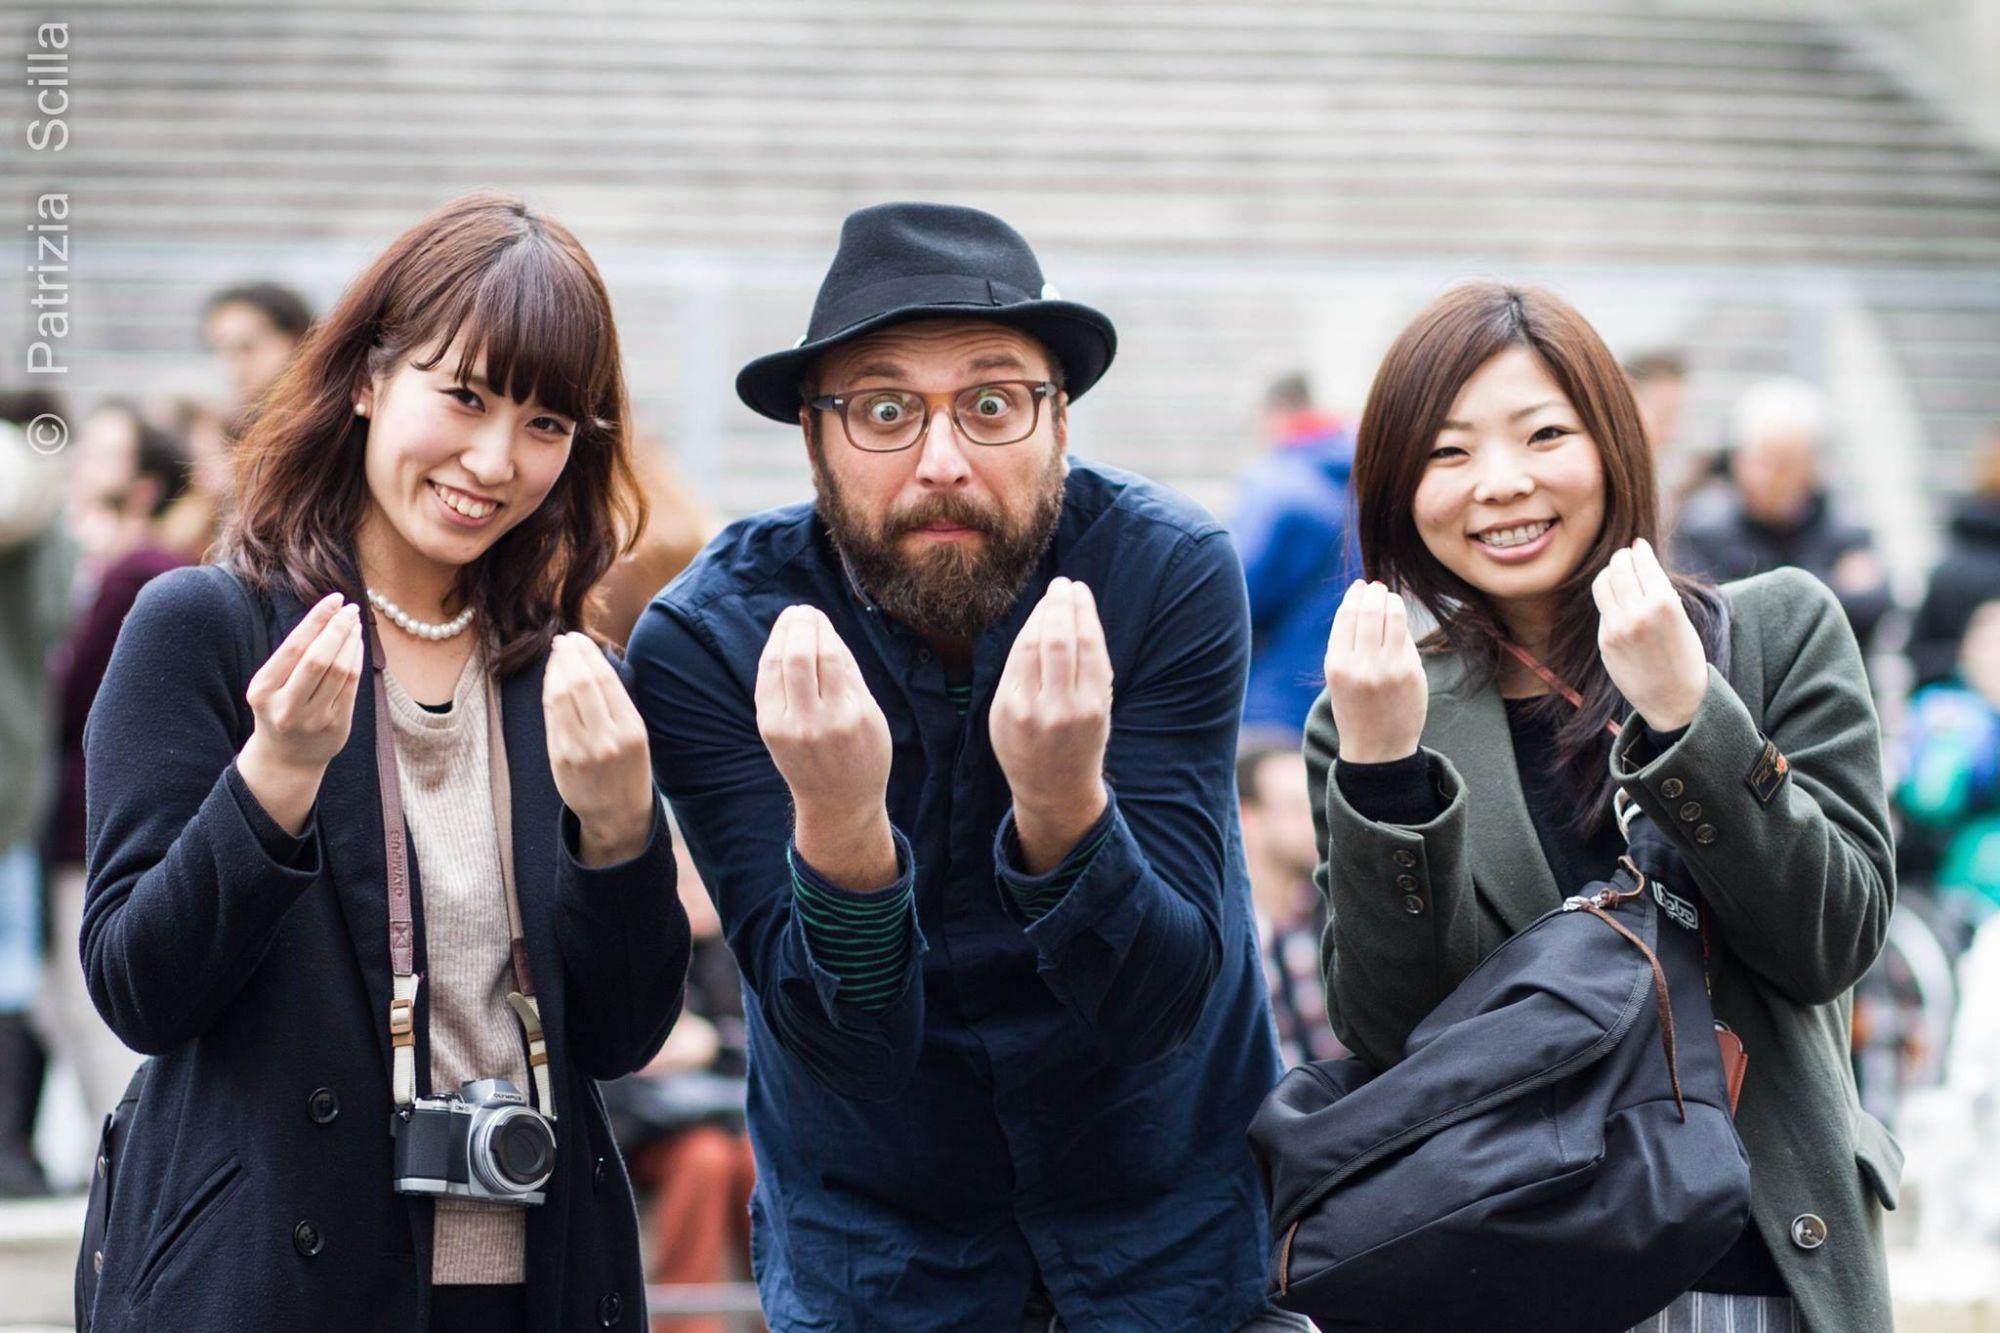 Luca Vullo ha lanciato una petizione online affinché la gestualità italiana diventi patrimonio dell'umanità